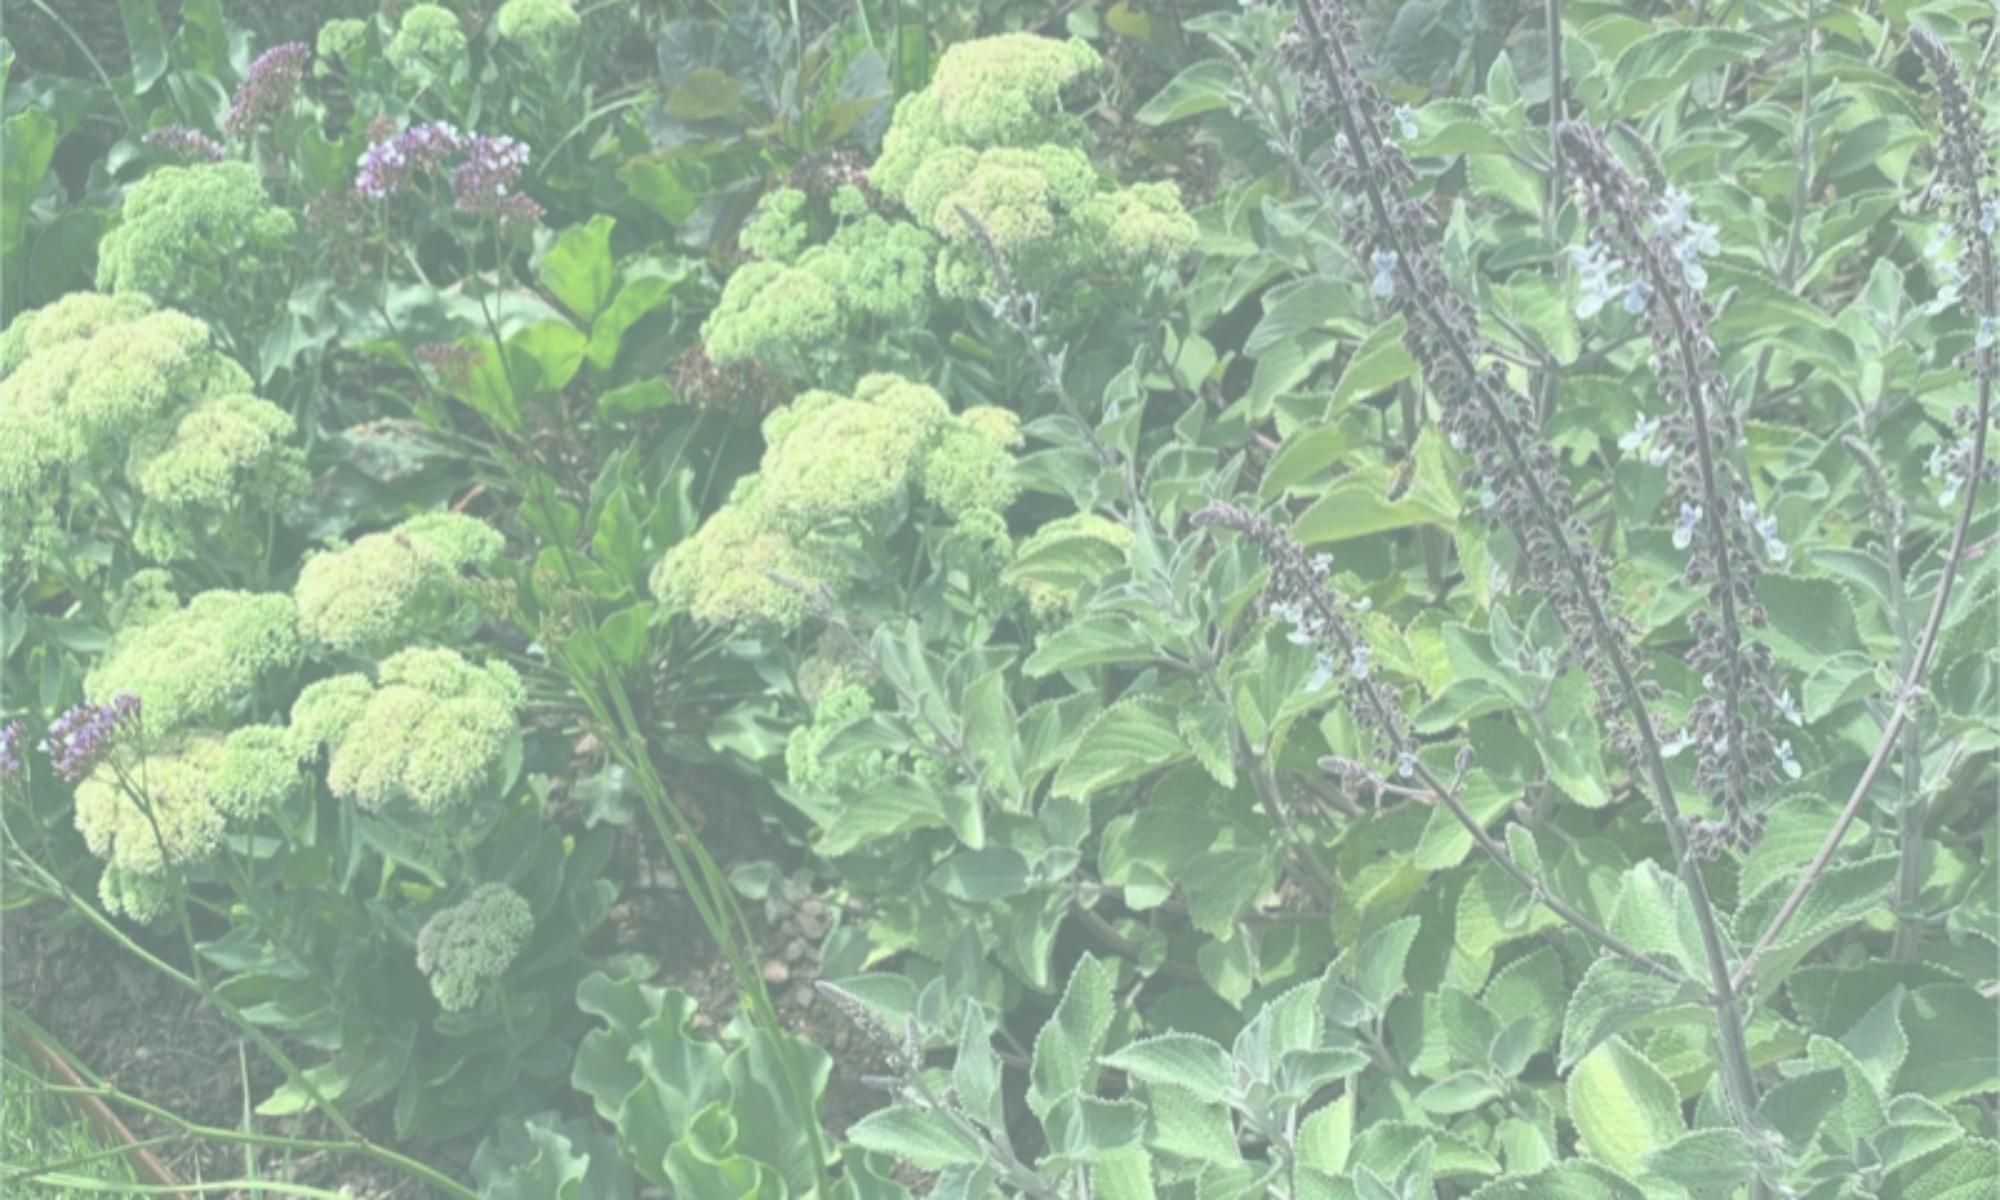 Thornbury Horticulture & Design